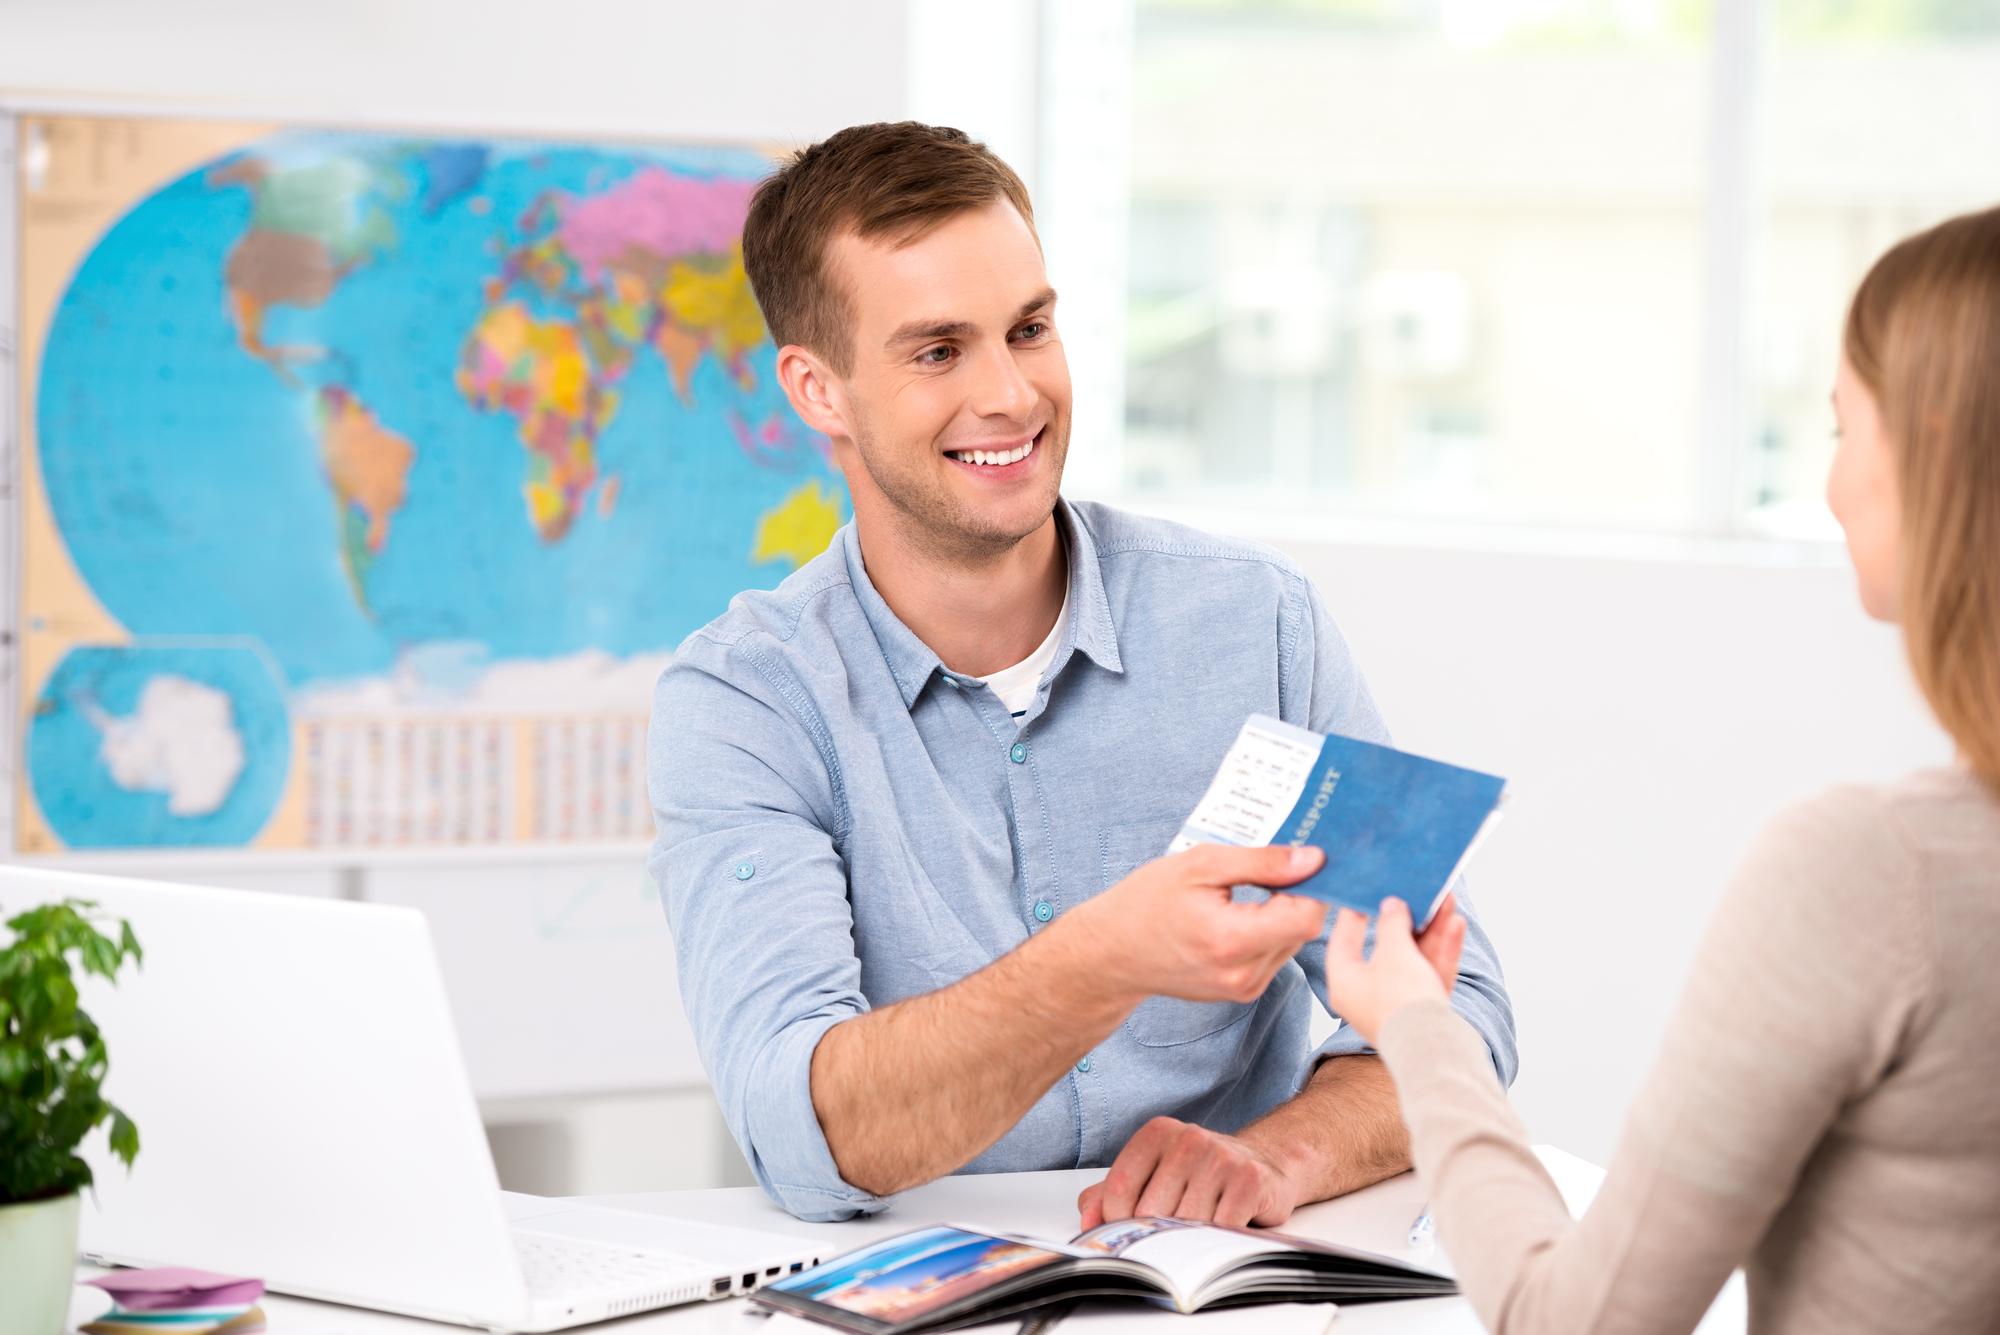 Les agences ont par ailleurs pris les mesures sanitaires nécessaires pour traiter les demandes de la clientèle, en agence ou à distance / crédit DepositPhoto